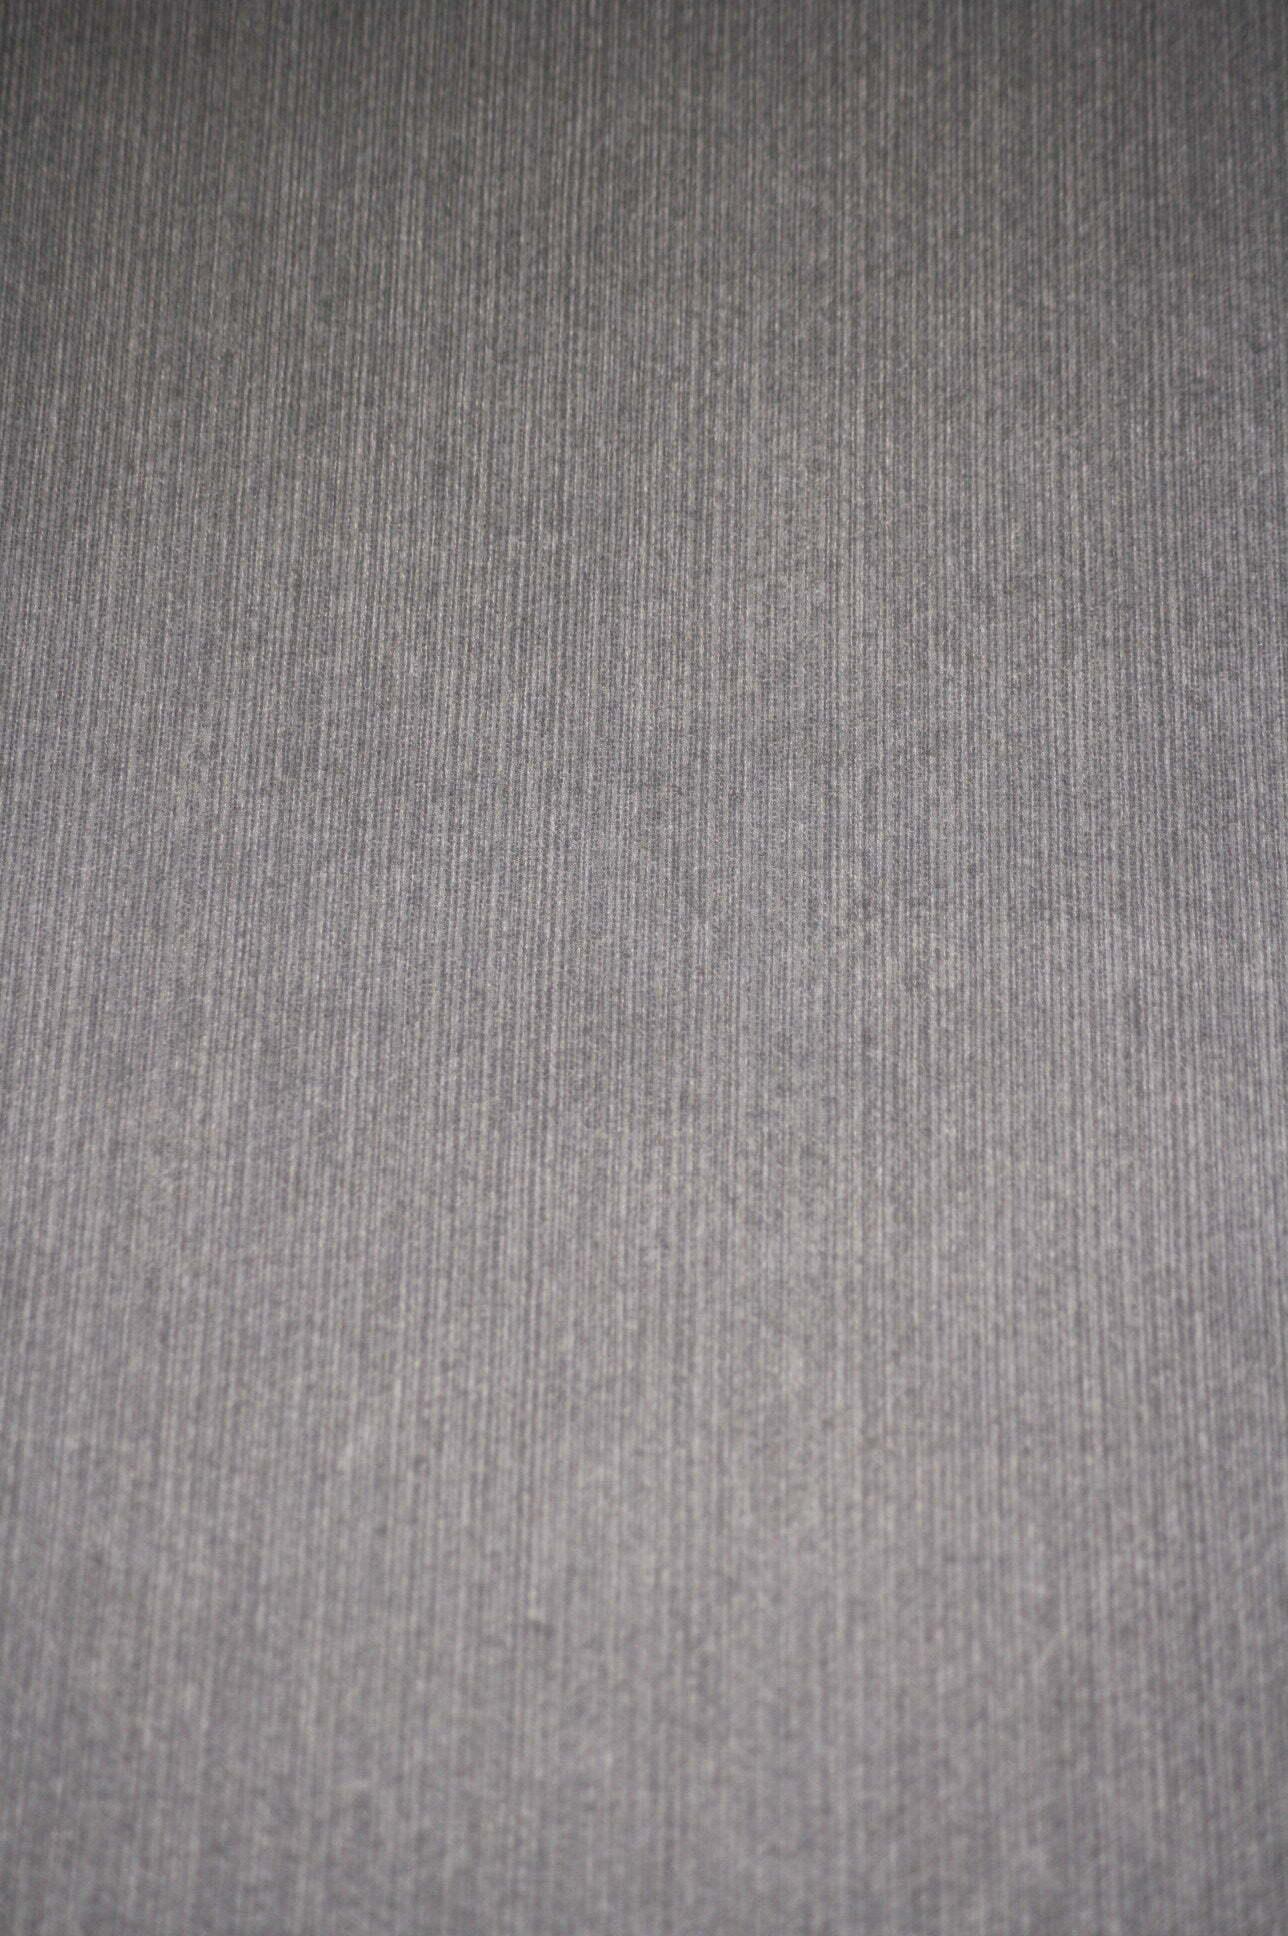 Dutch Wallcoverings Behang.Vlies Behang B03021 09 Dutch Wallcoverings